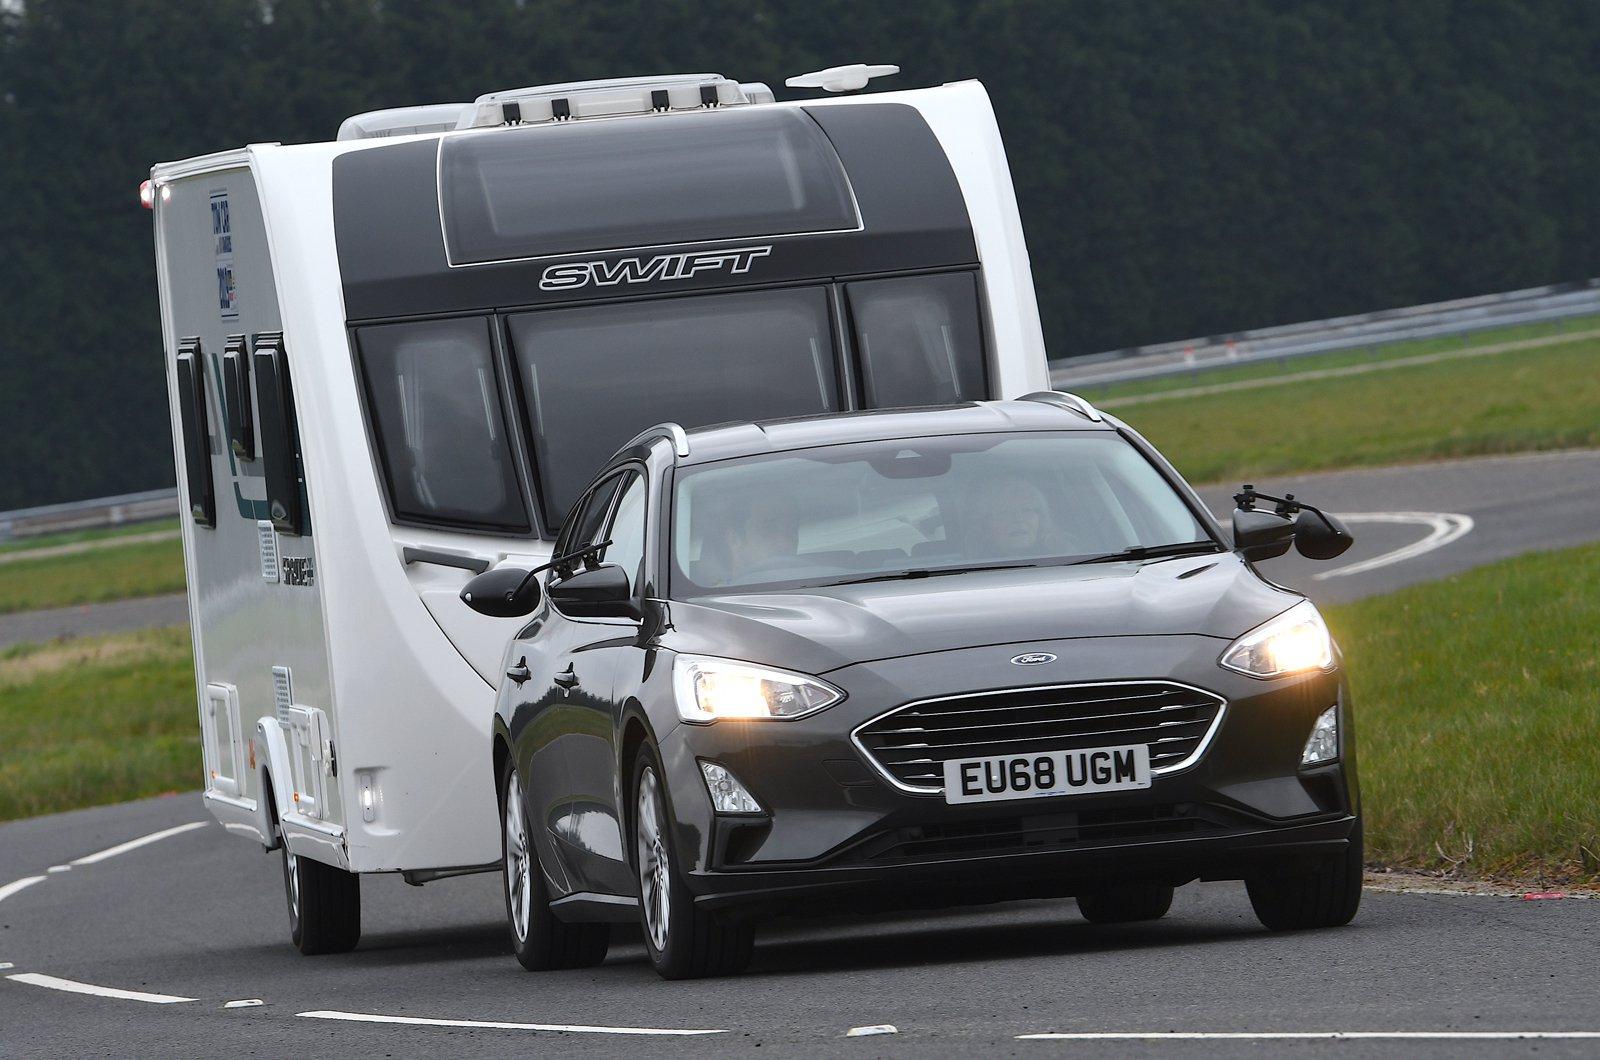 Ford Focus Estate towing caravan